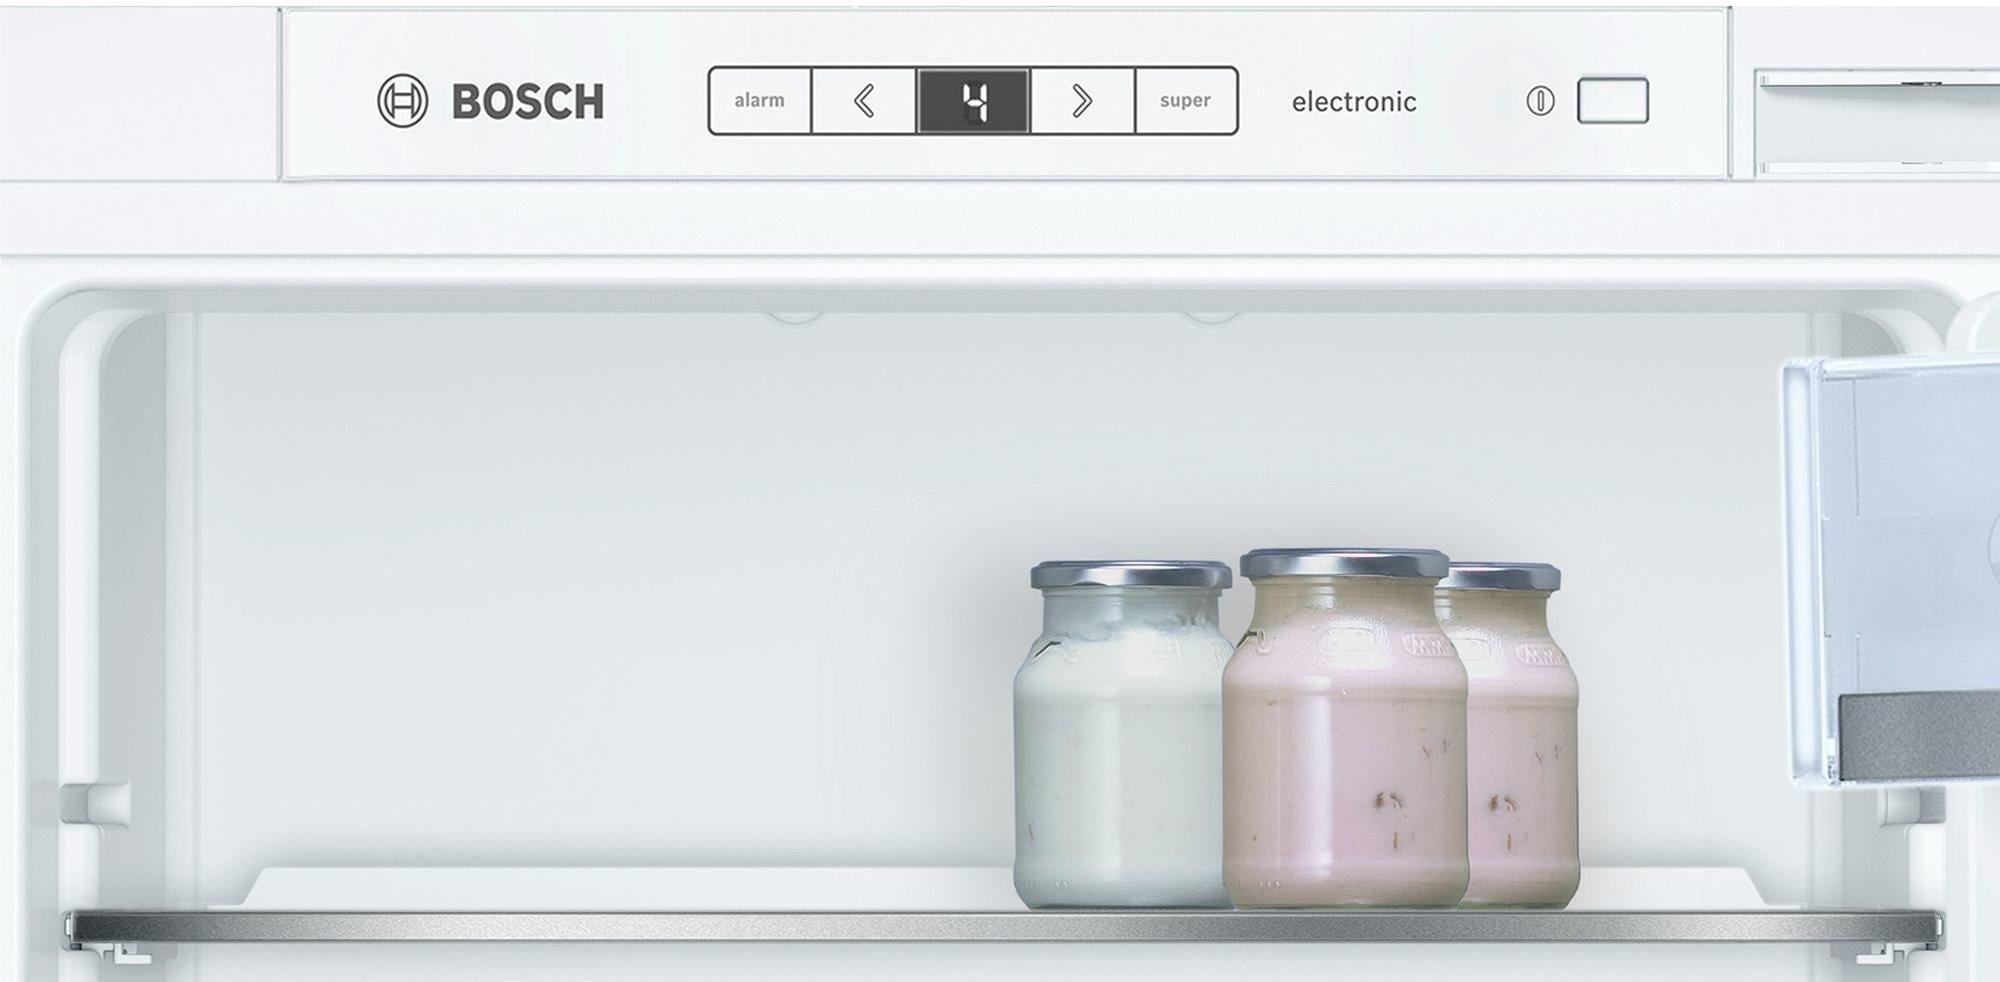 bosch kir21ad40 a einbau k hlschrank 55 8 cm breit touchcontrol bedienung wei von bosch. Black Bedroom Furniture Sets. Home Design Ideas